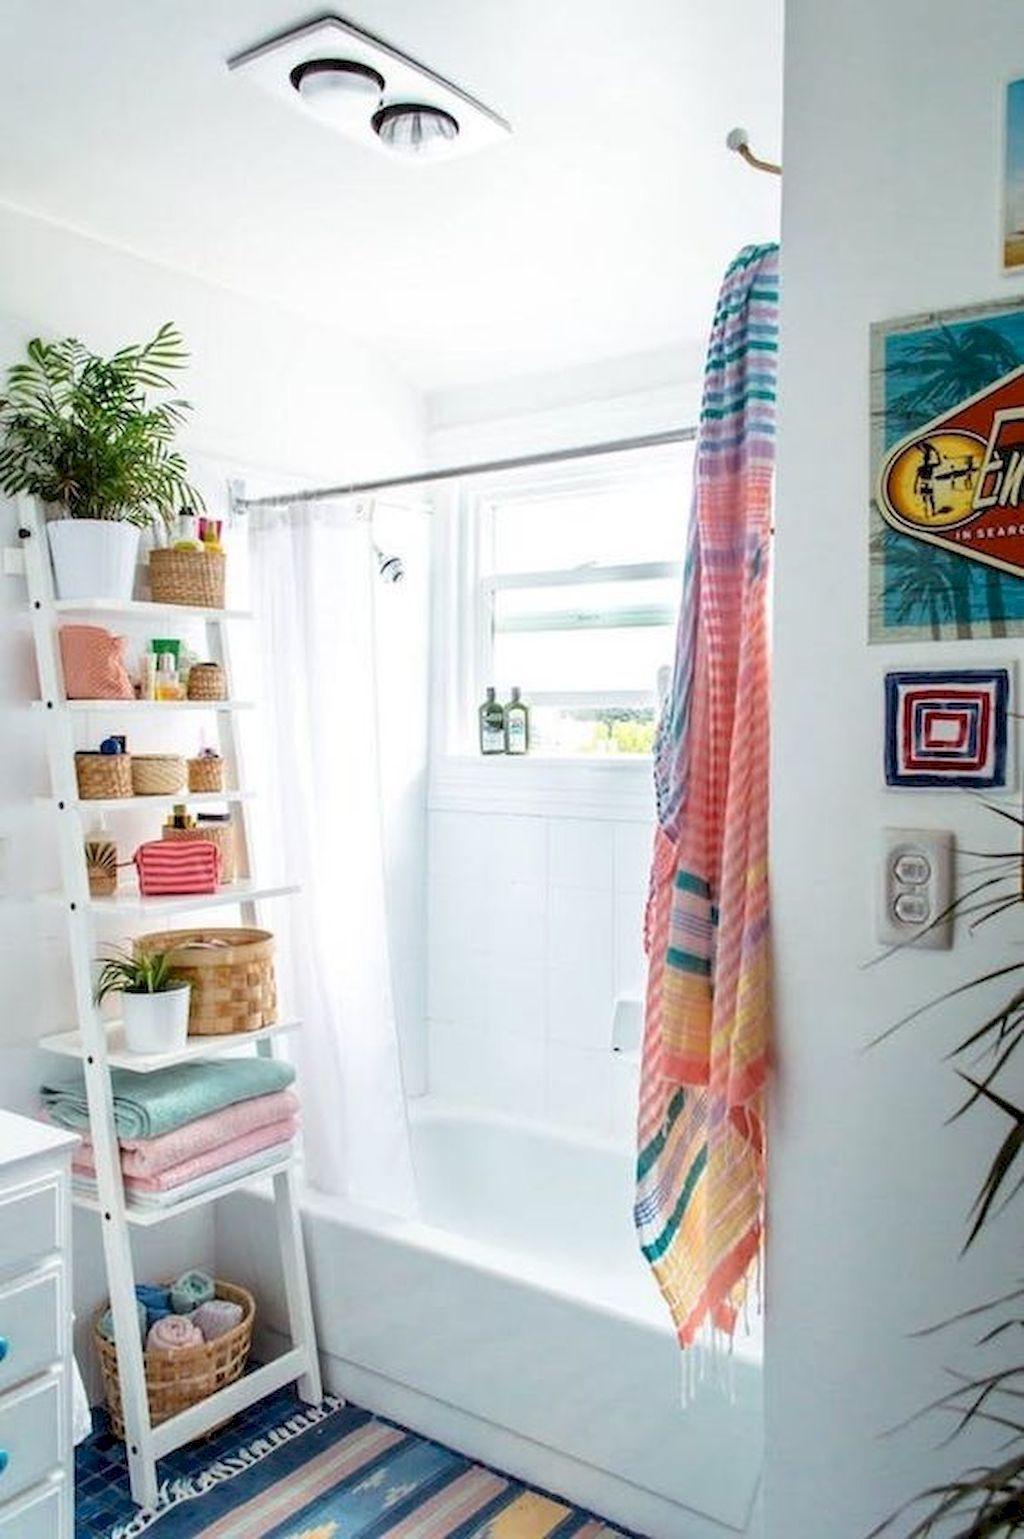 40 Genius College Apartment Decorating Ideas | Pinterest ...